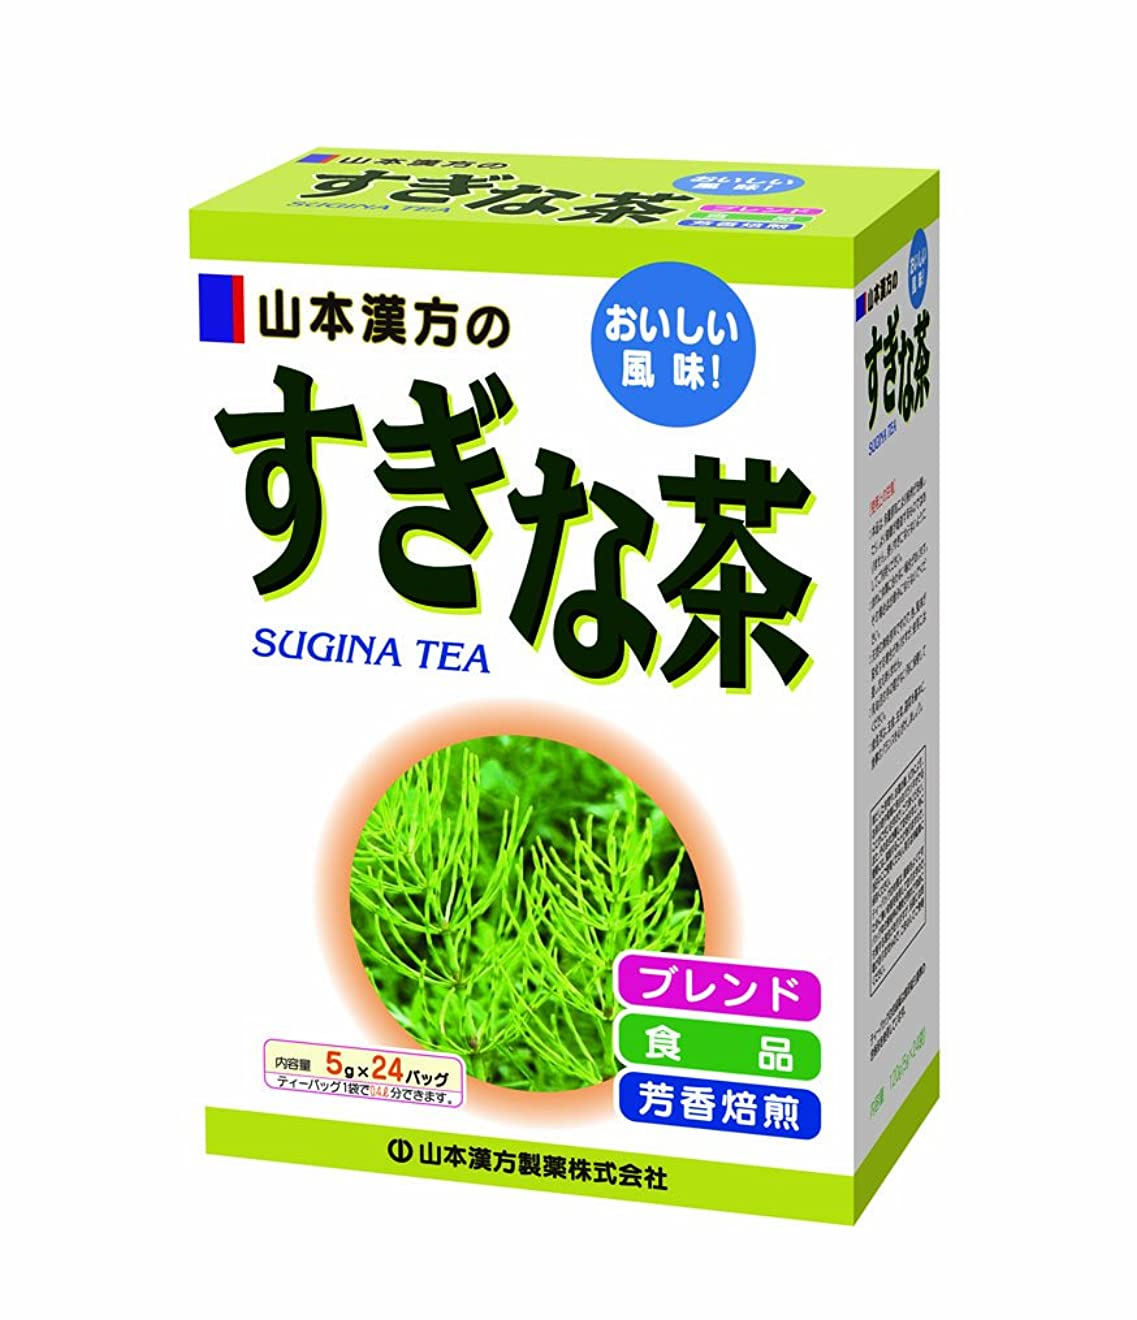 食べる灌漑思い出させる山本漢方製薬 すぎな茶 5gX24H